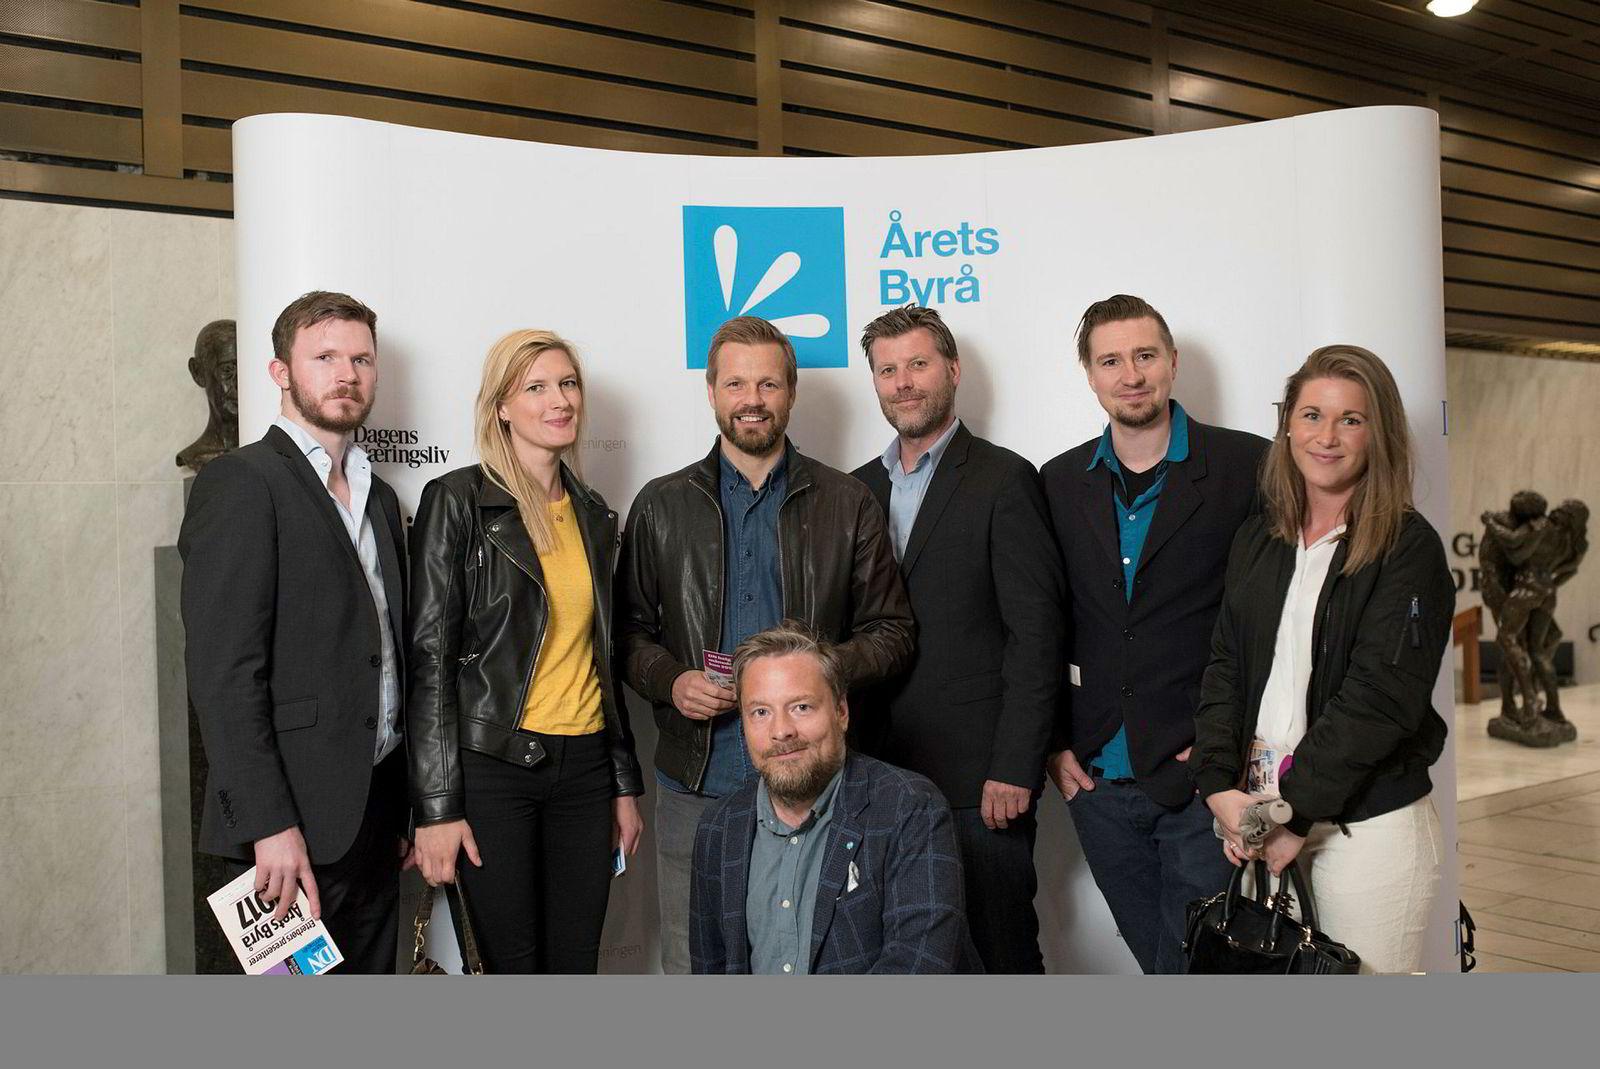 Nucleus var blant de nominerte i klassen for pr-byråer. Fra venstre: Kristian Haakonsen, Anette Jamtvedt, Audun Roe Grimstad, Sven Øvergaard, Vegard Haugen, Ulrikke Louise Wiik. Foran: Nils Ragnar Løvhaug.